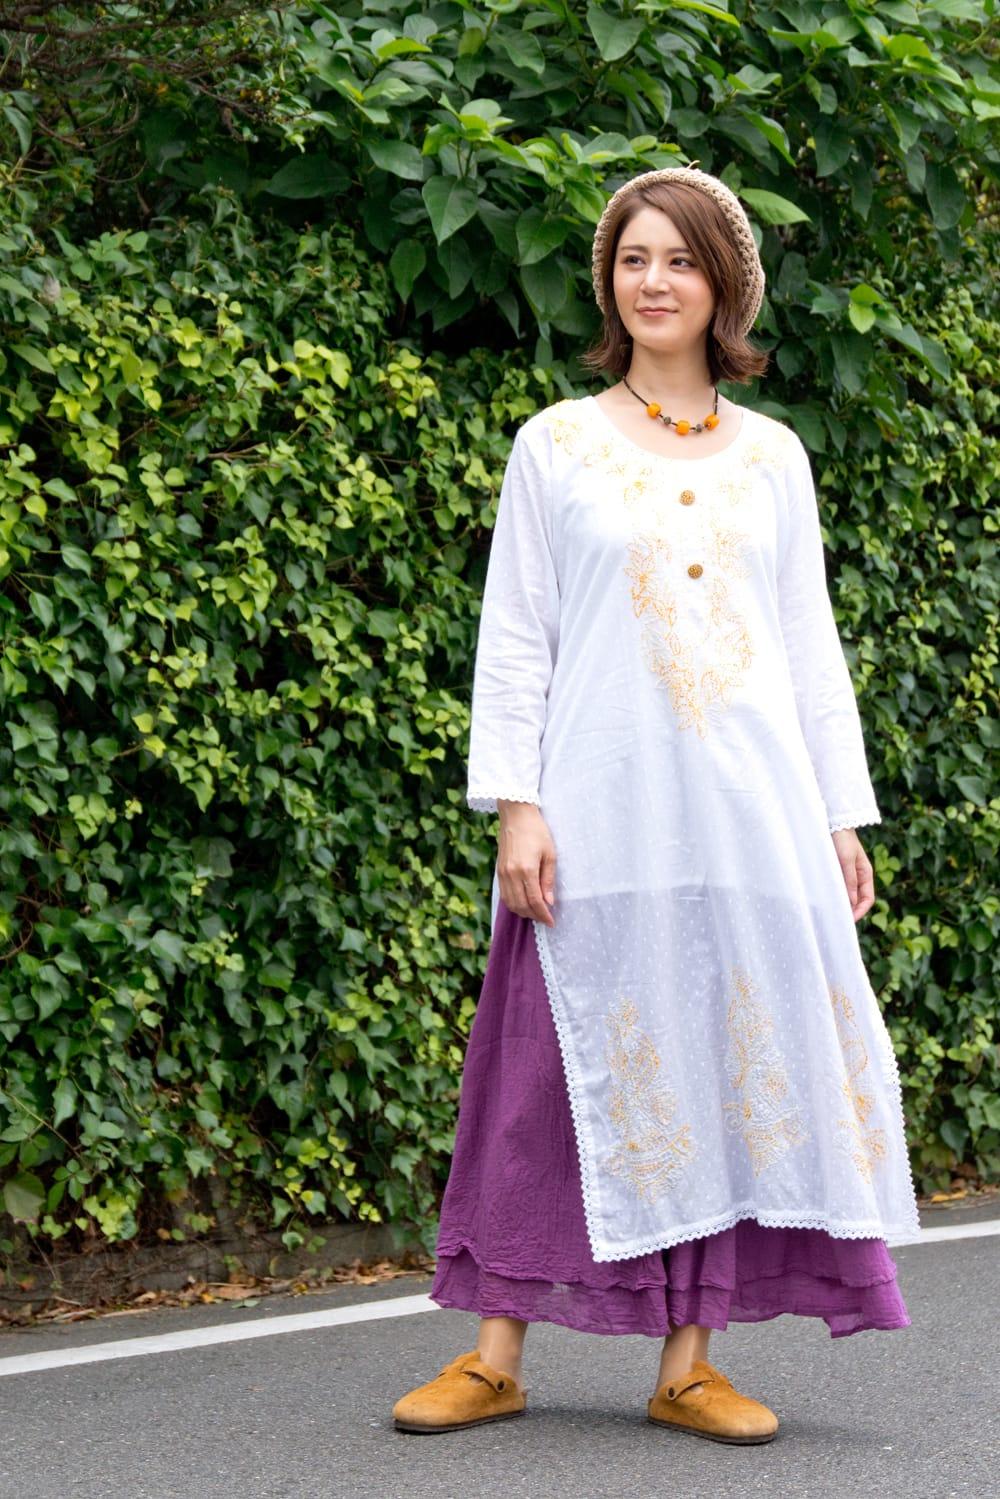 インナー付きが嬉しい!ホワイトドット生地の刺繍クルティ 2 - 身長165cmLサイズ着用例です。